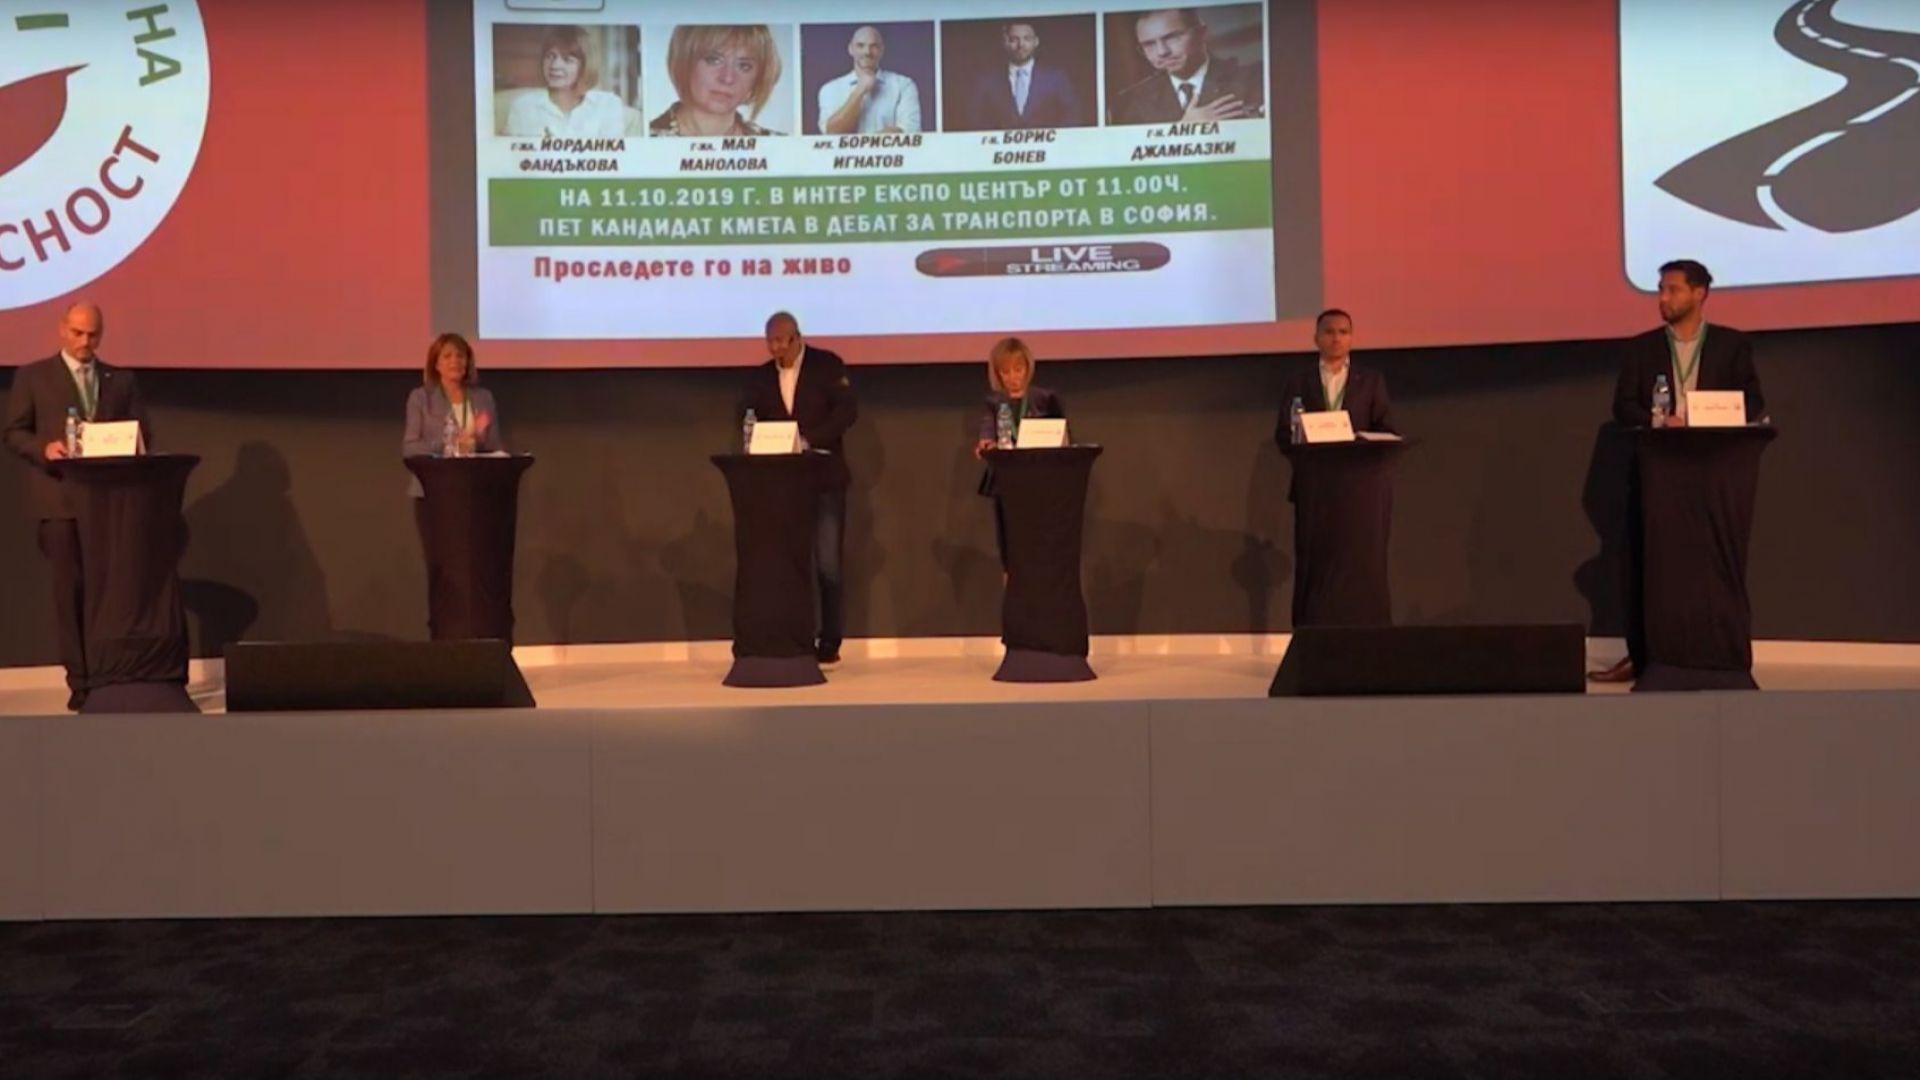 Дебат за транспорта: Кандидатите за кмет на София се срещнаха очи в очи (видео)